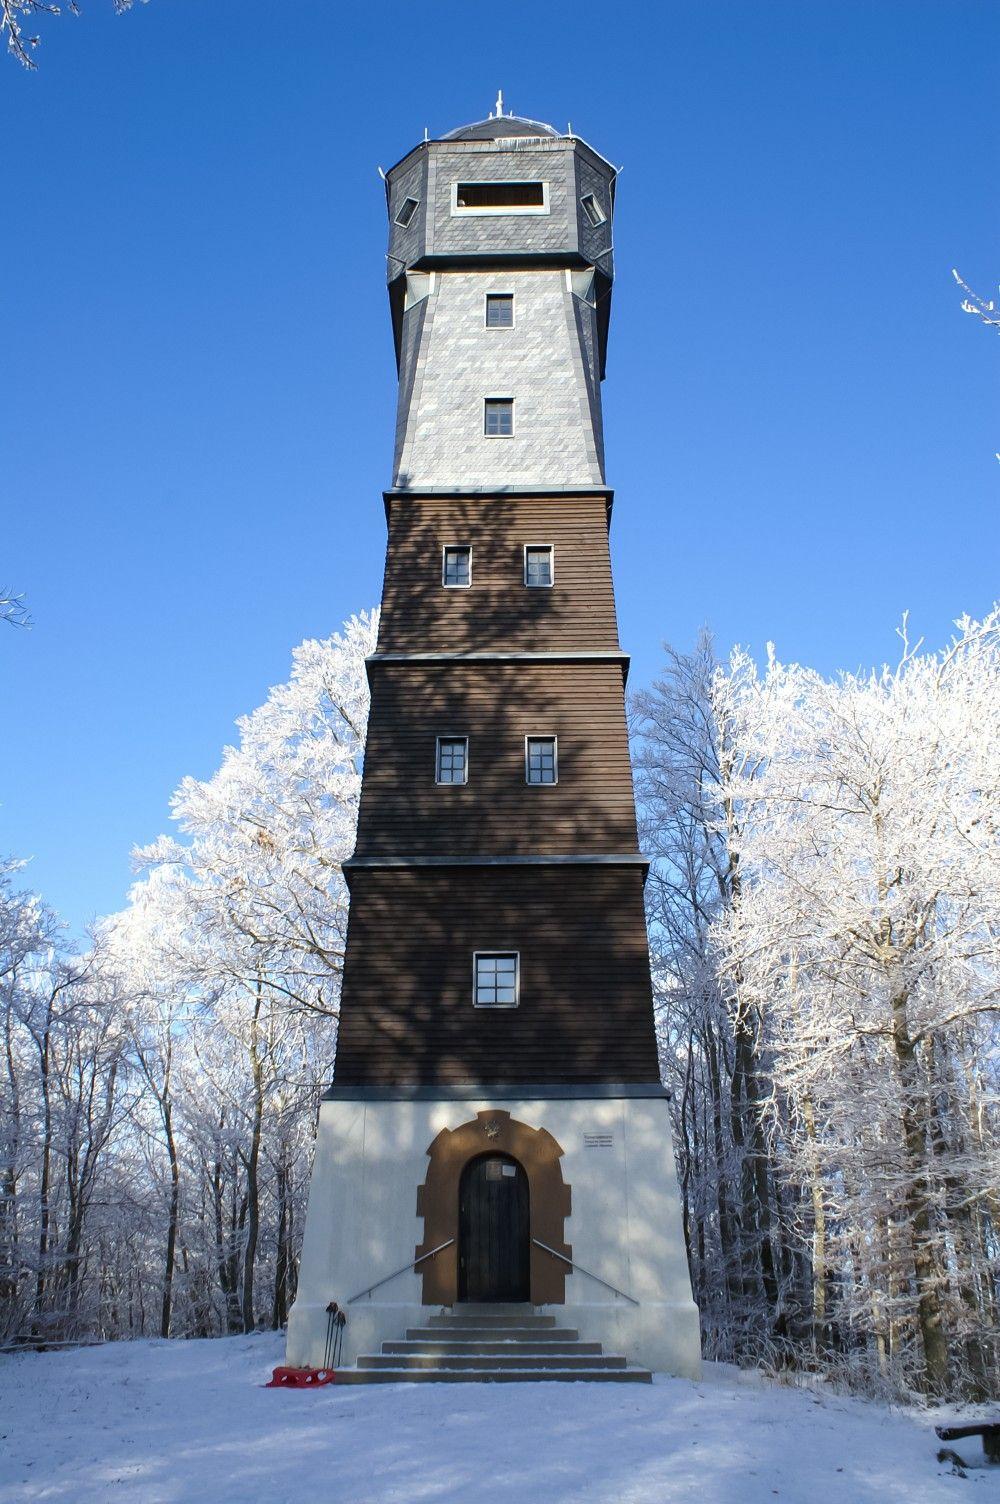 Romersteinturm 874m Bei Romerstein 803m Im Lkr Reutlingen Romersteinturm Turm Fotografie Bissingen